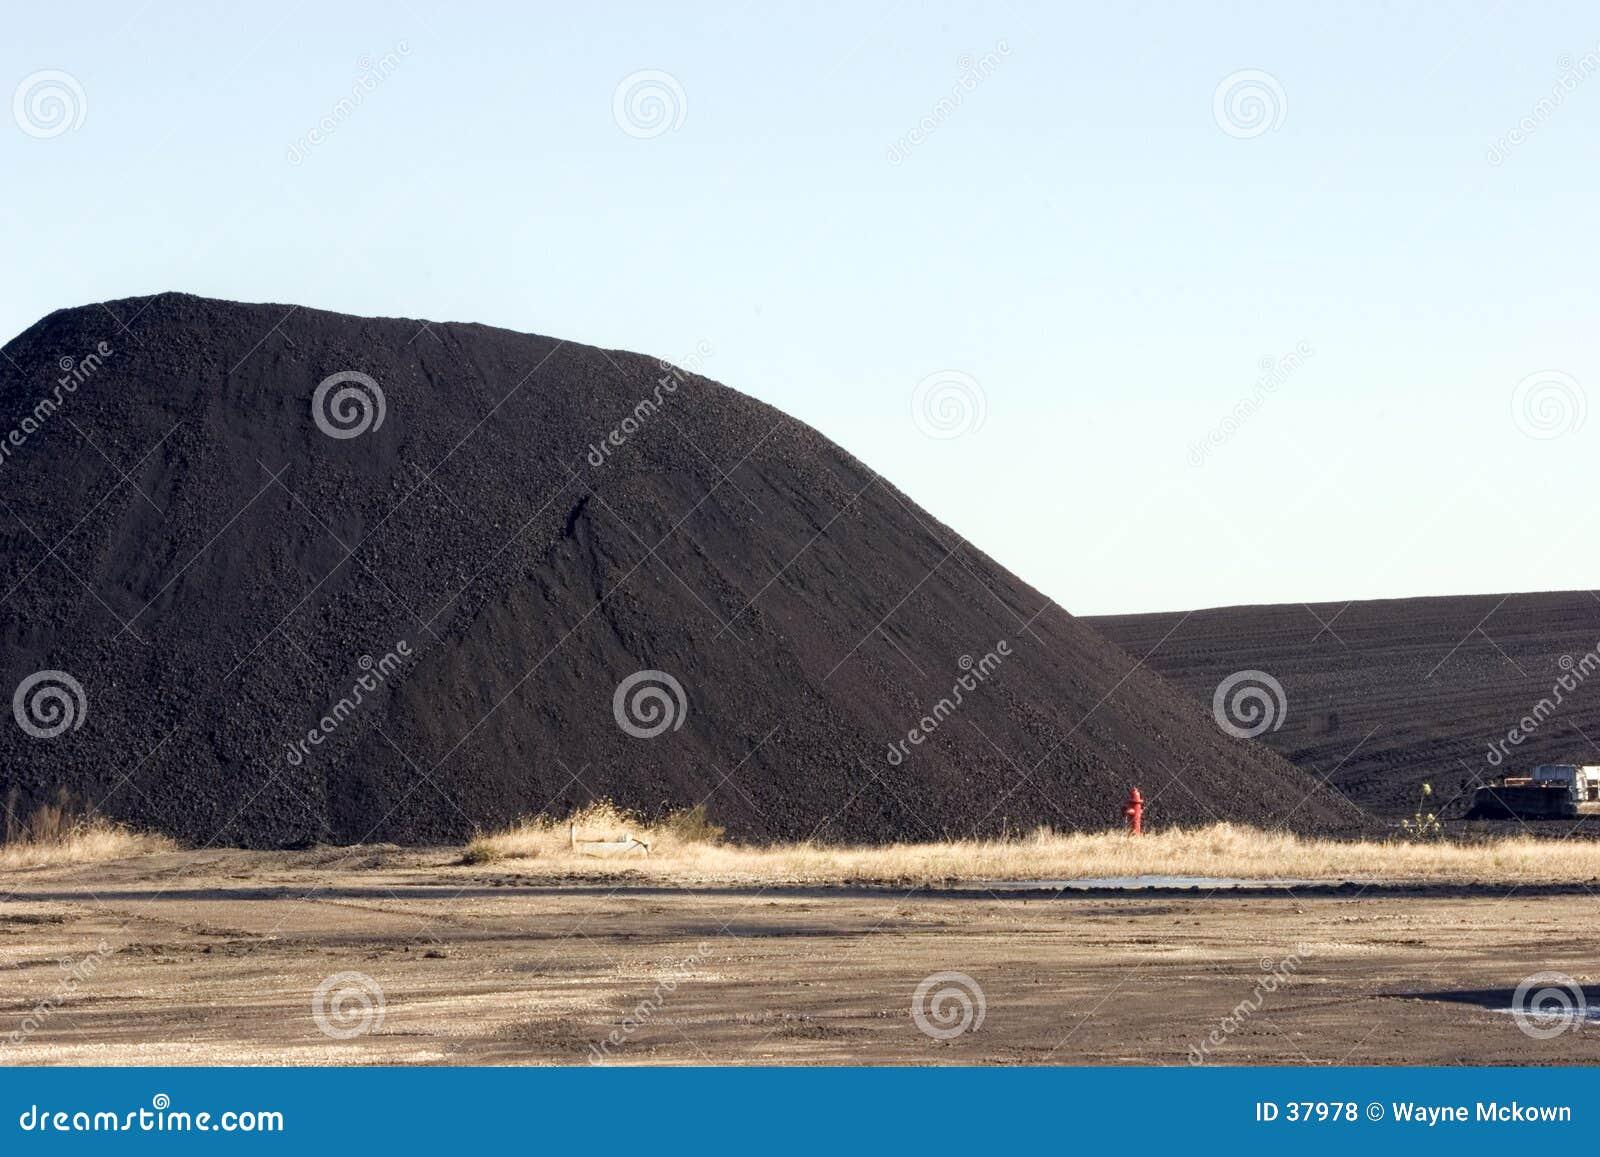 De stapel van de steenkool voor krachtcentrale